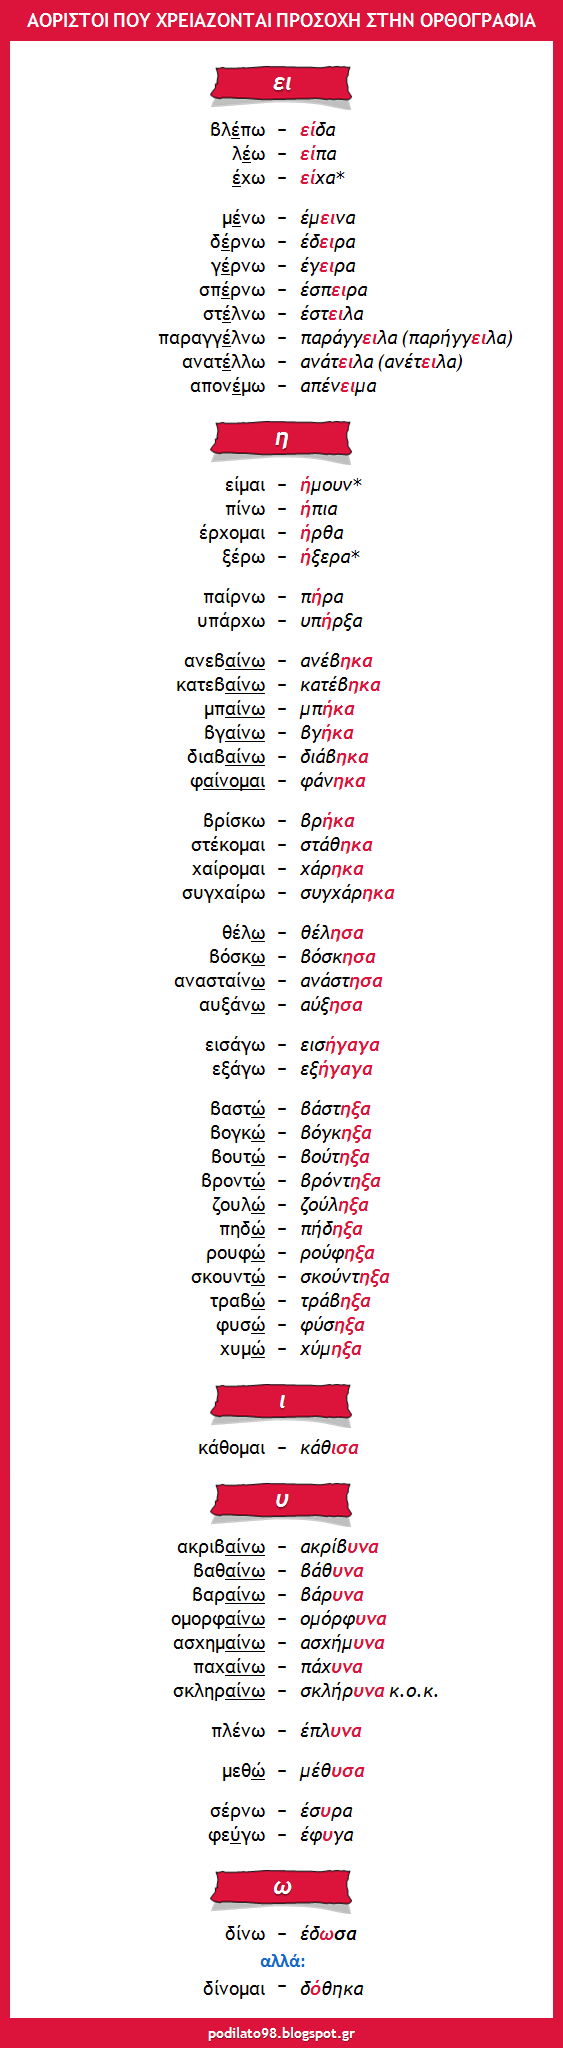 Τα ανώμαλα ρήματα δε σχηματίζουν τον αόριστο όπως τα υπόλοιπα. Για παράδειγμα, λέμε:   διαβάζω > διάβασα  αλλά: βάζω > έβασα  έβαλα αγαπώ >...